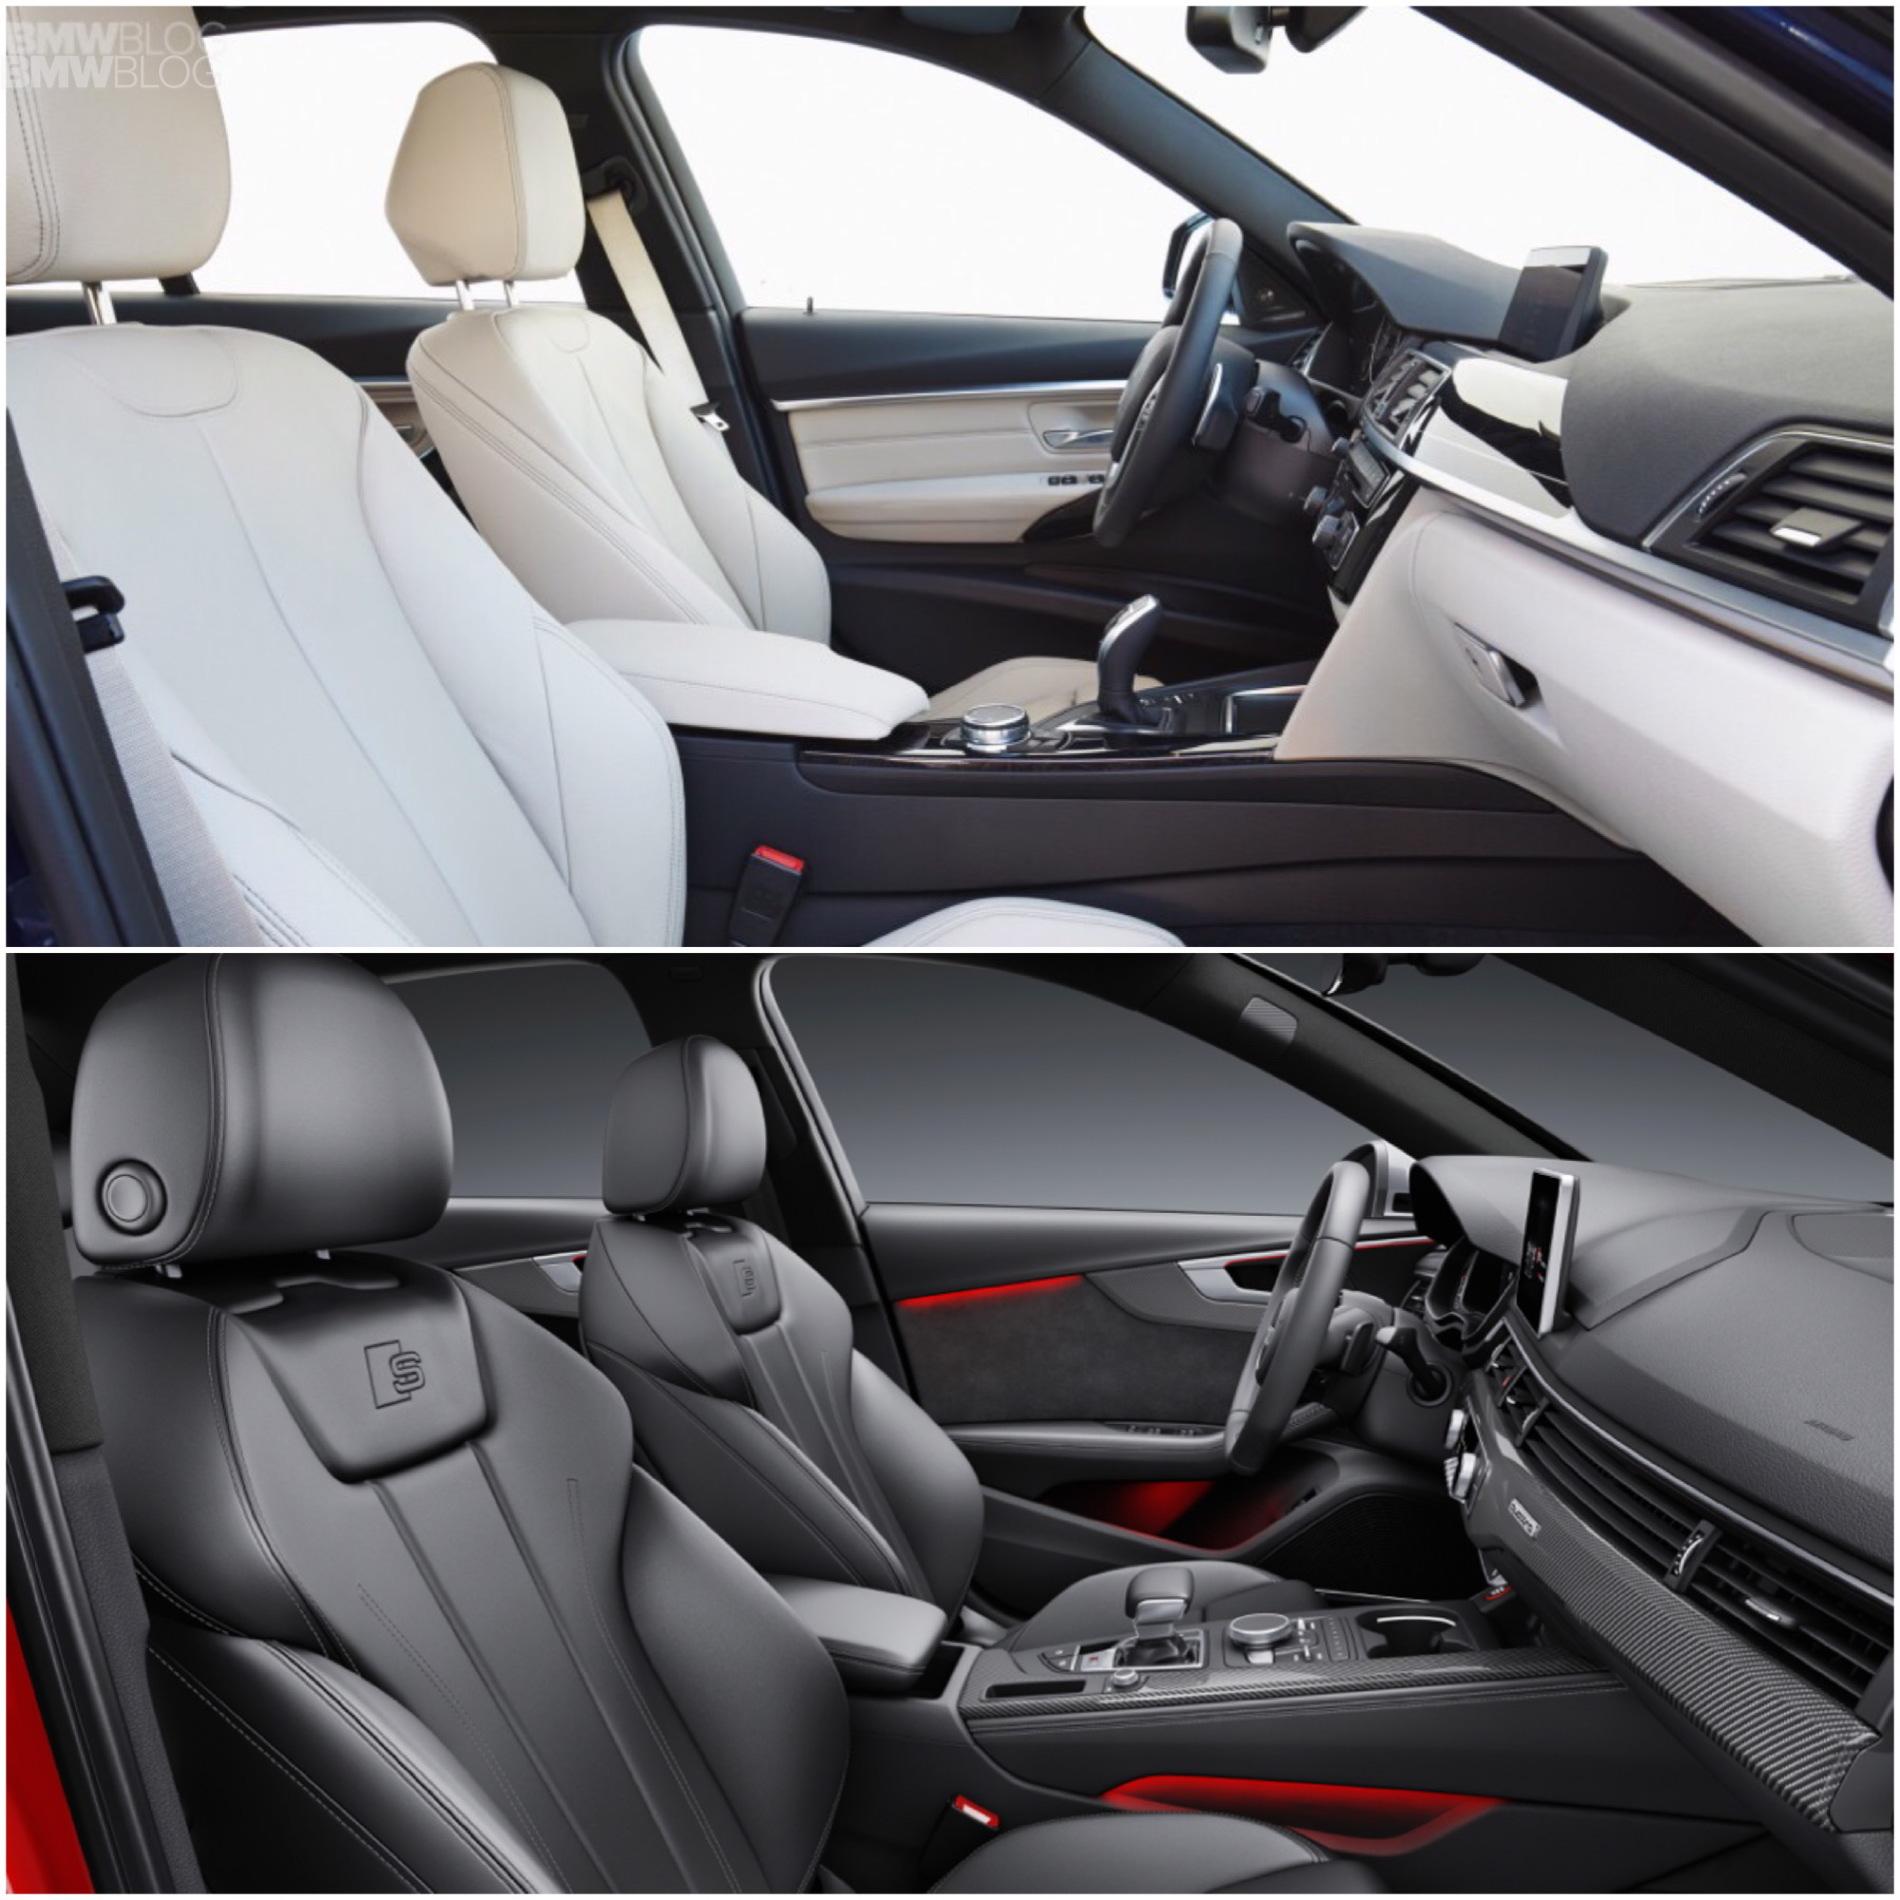 2015 BMW 340i Vs. 2016 Audi S4